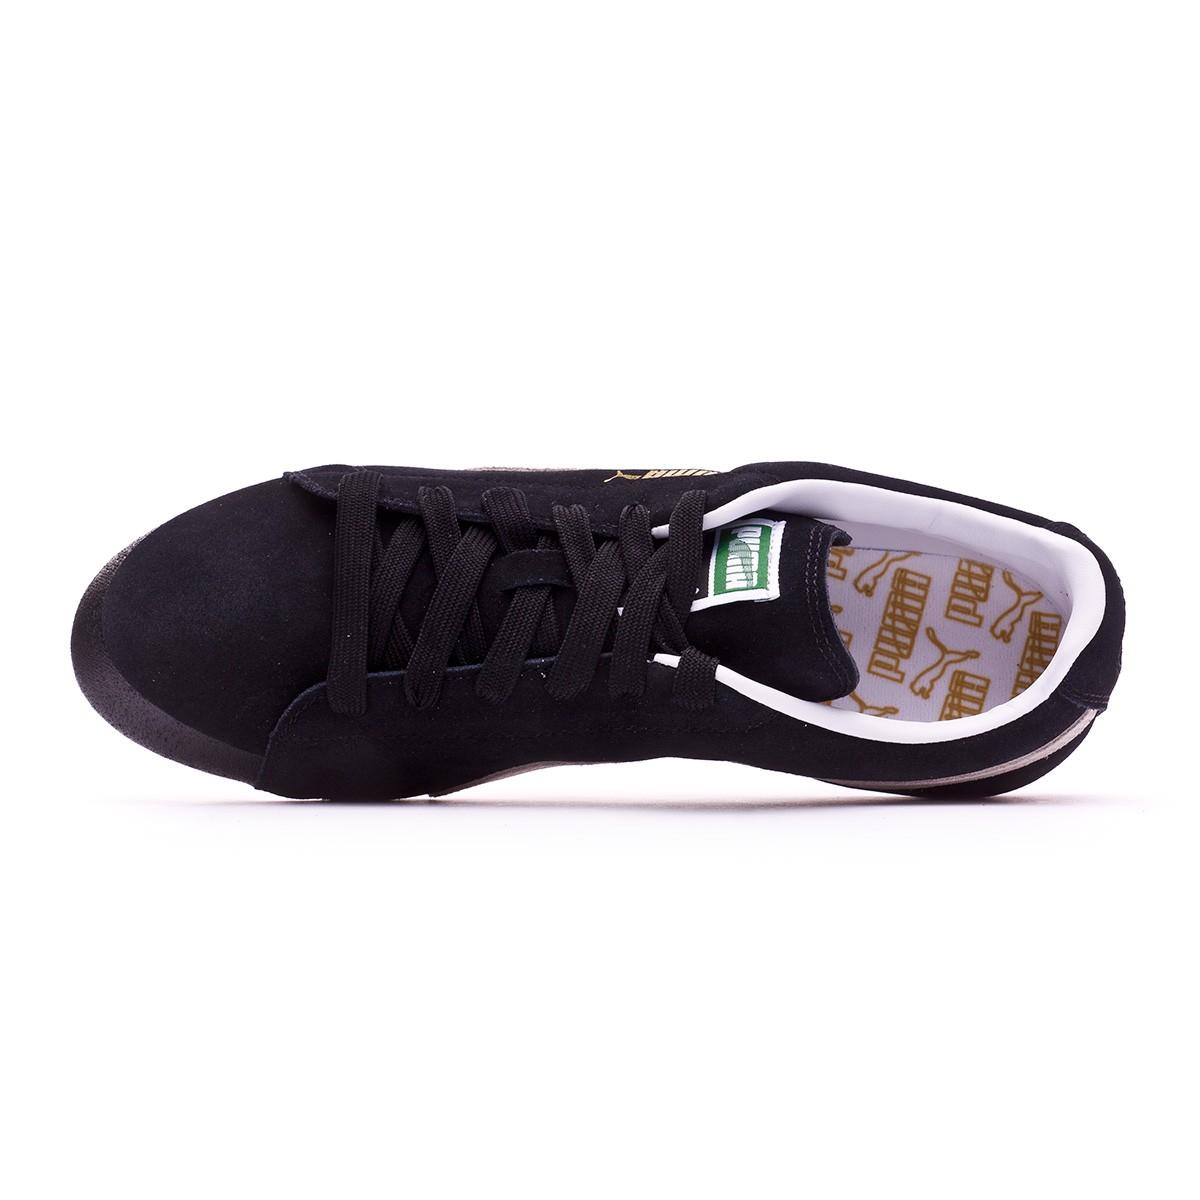 DEERUPT RUNNER - Zapatillas - turbo/core black FUTURE SUEDE 50 FG/AG - Botas de fútbol con tacos - black / white FOREST GROVE - Zapatillas - crystal white/cloud white/core black LURE - Zapatos altos - nude SHAMY - Sandalias de tacón - oatmeal VpoAMU5lw